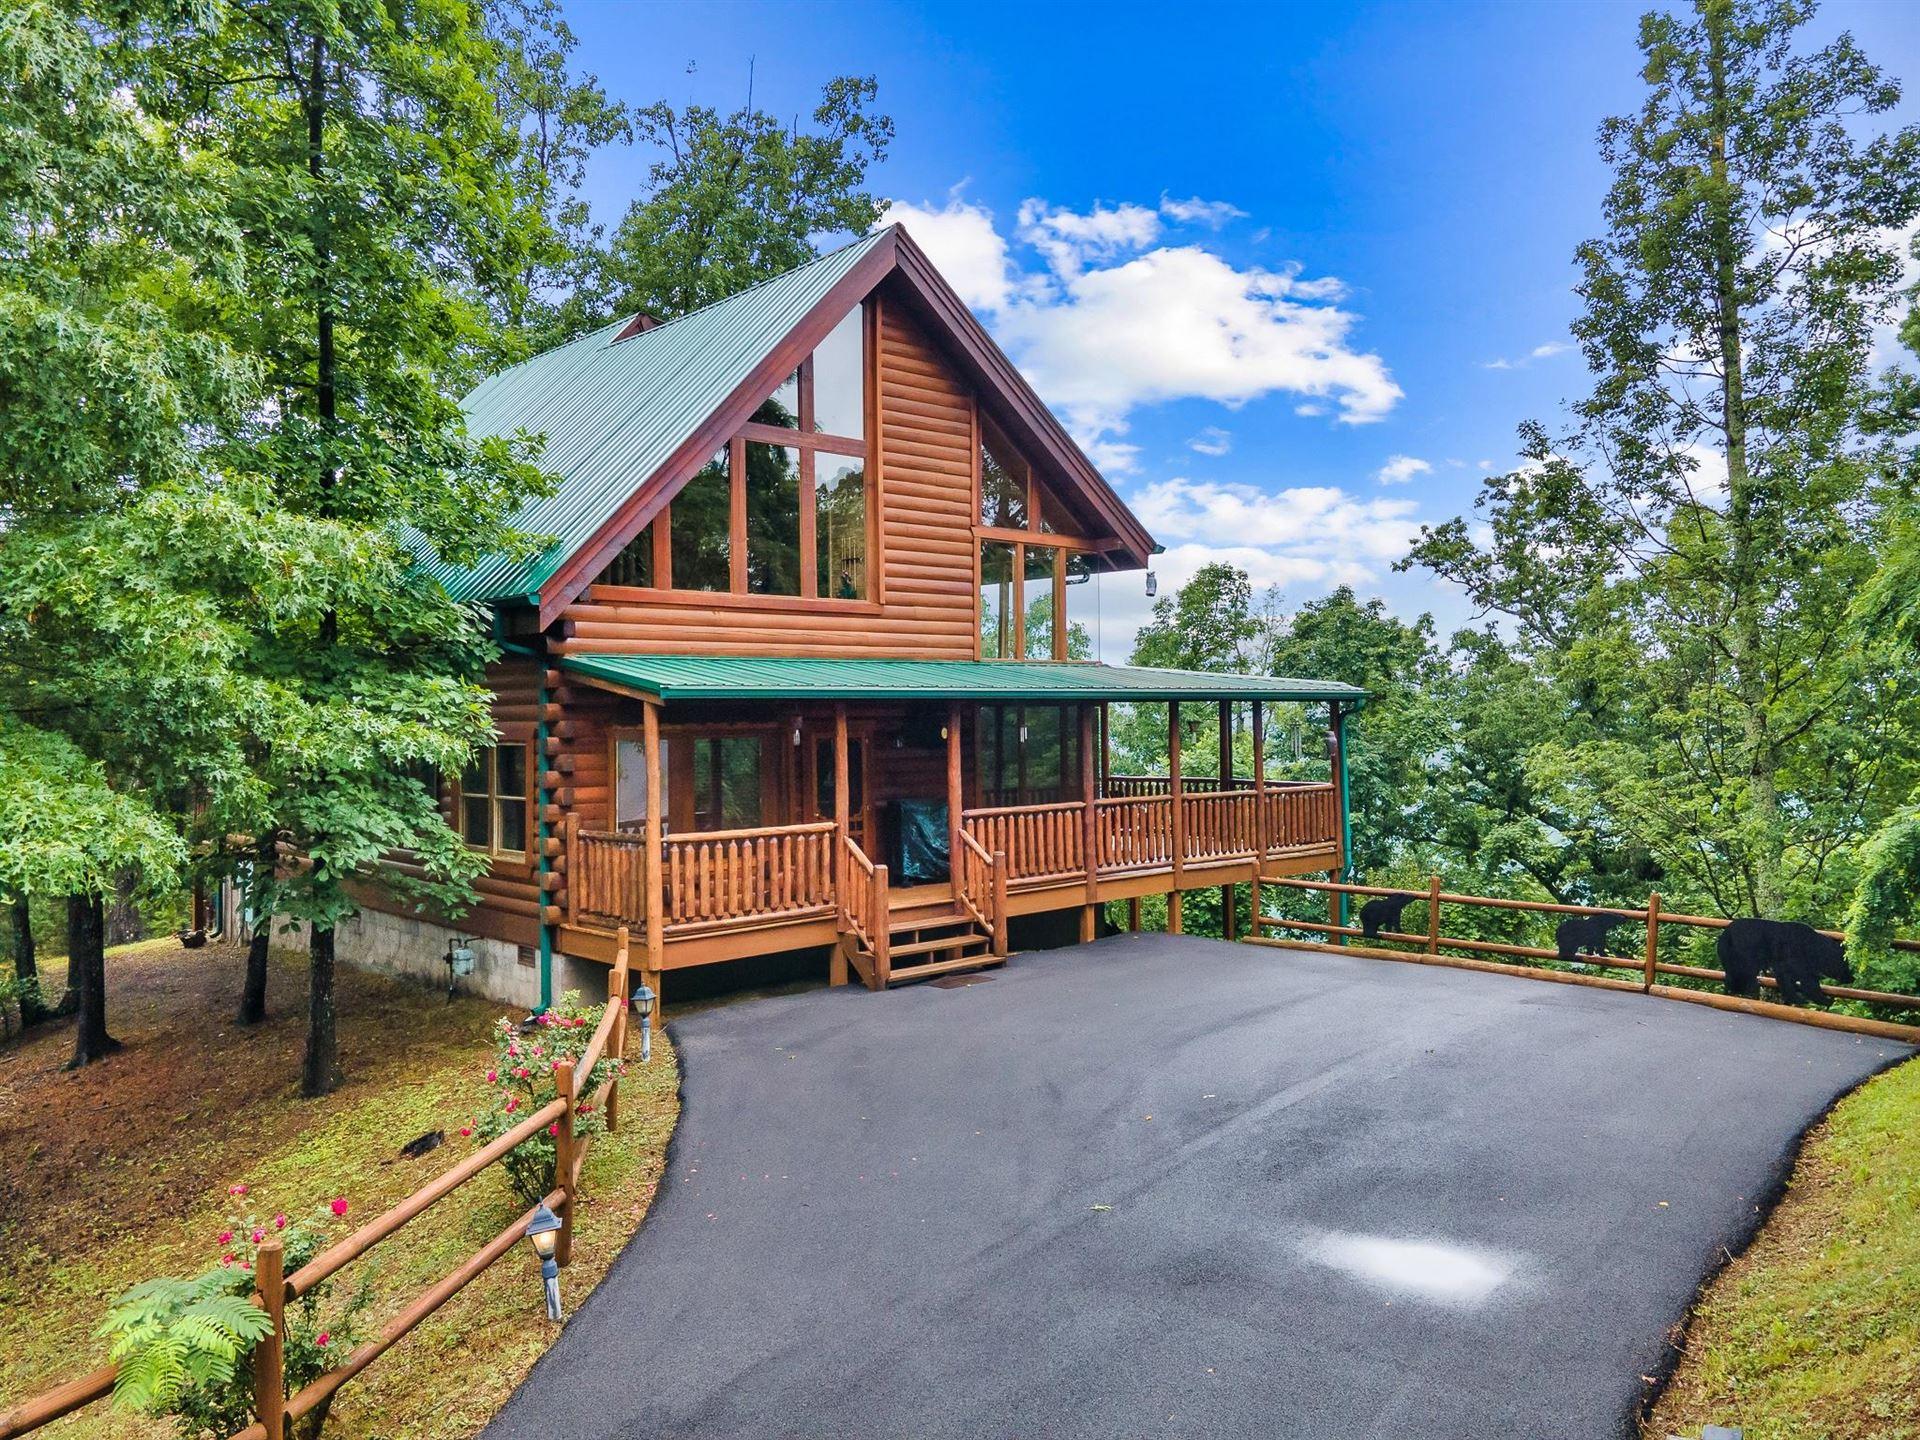 Photo of 3719 Nickel Ridge Way, Sevierville, TN 37862 (MLS # 1156408)